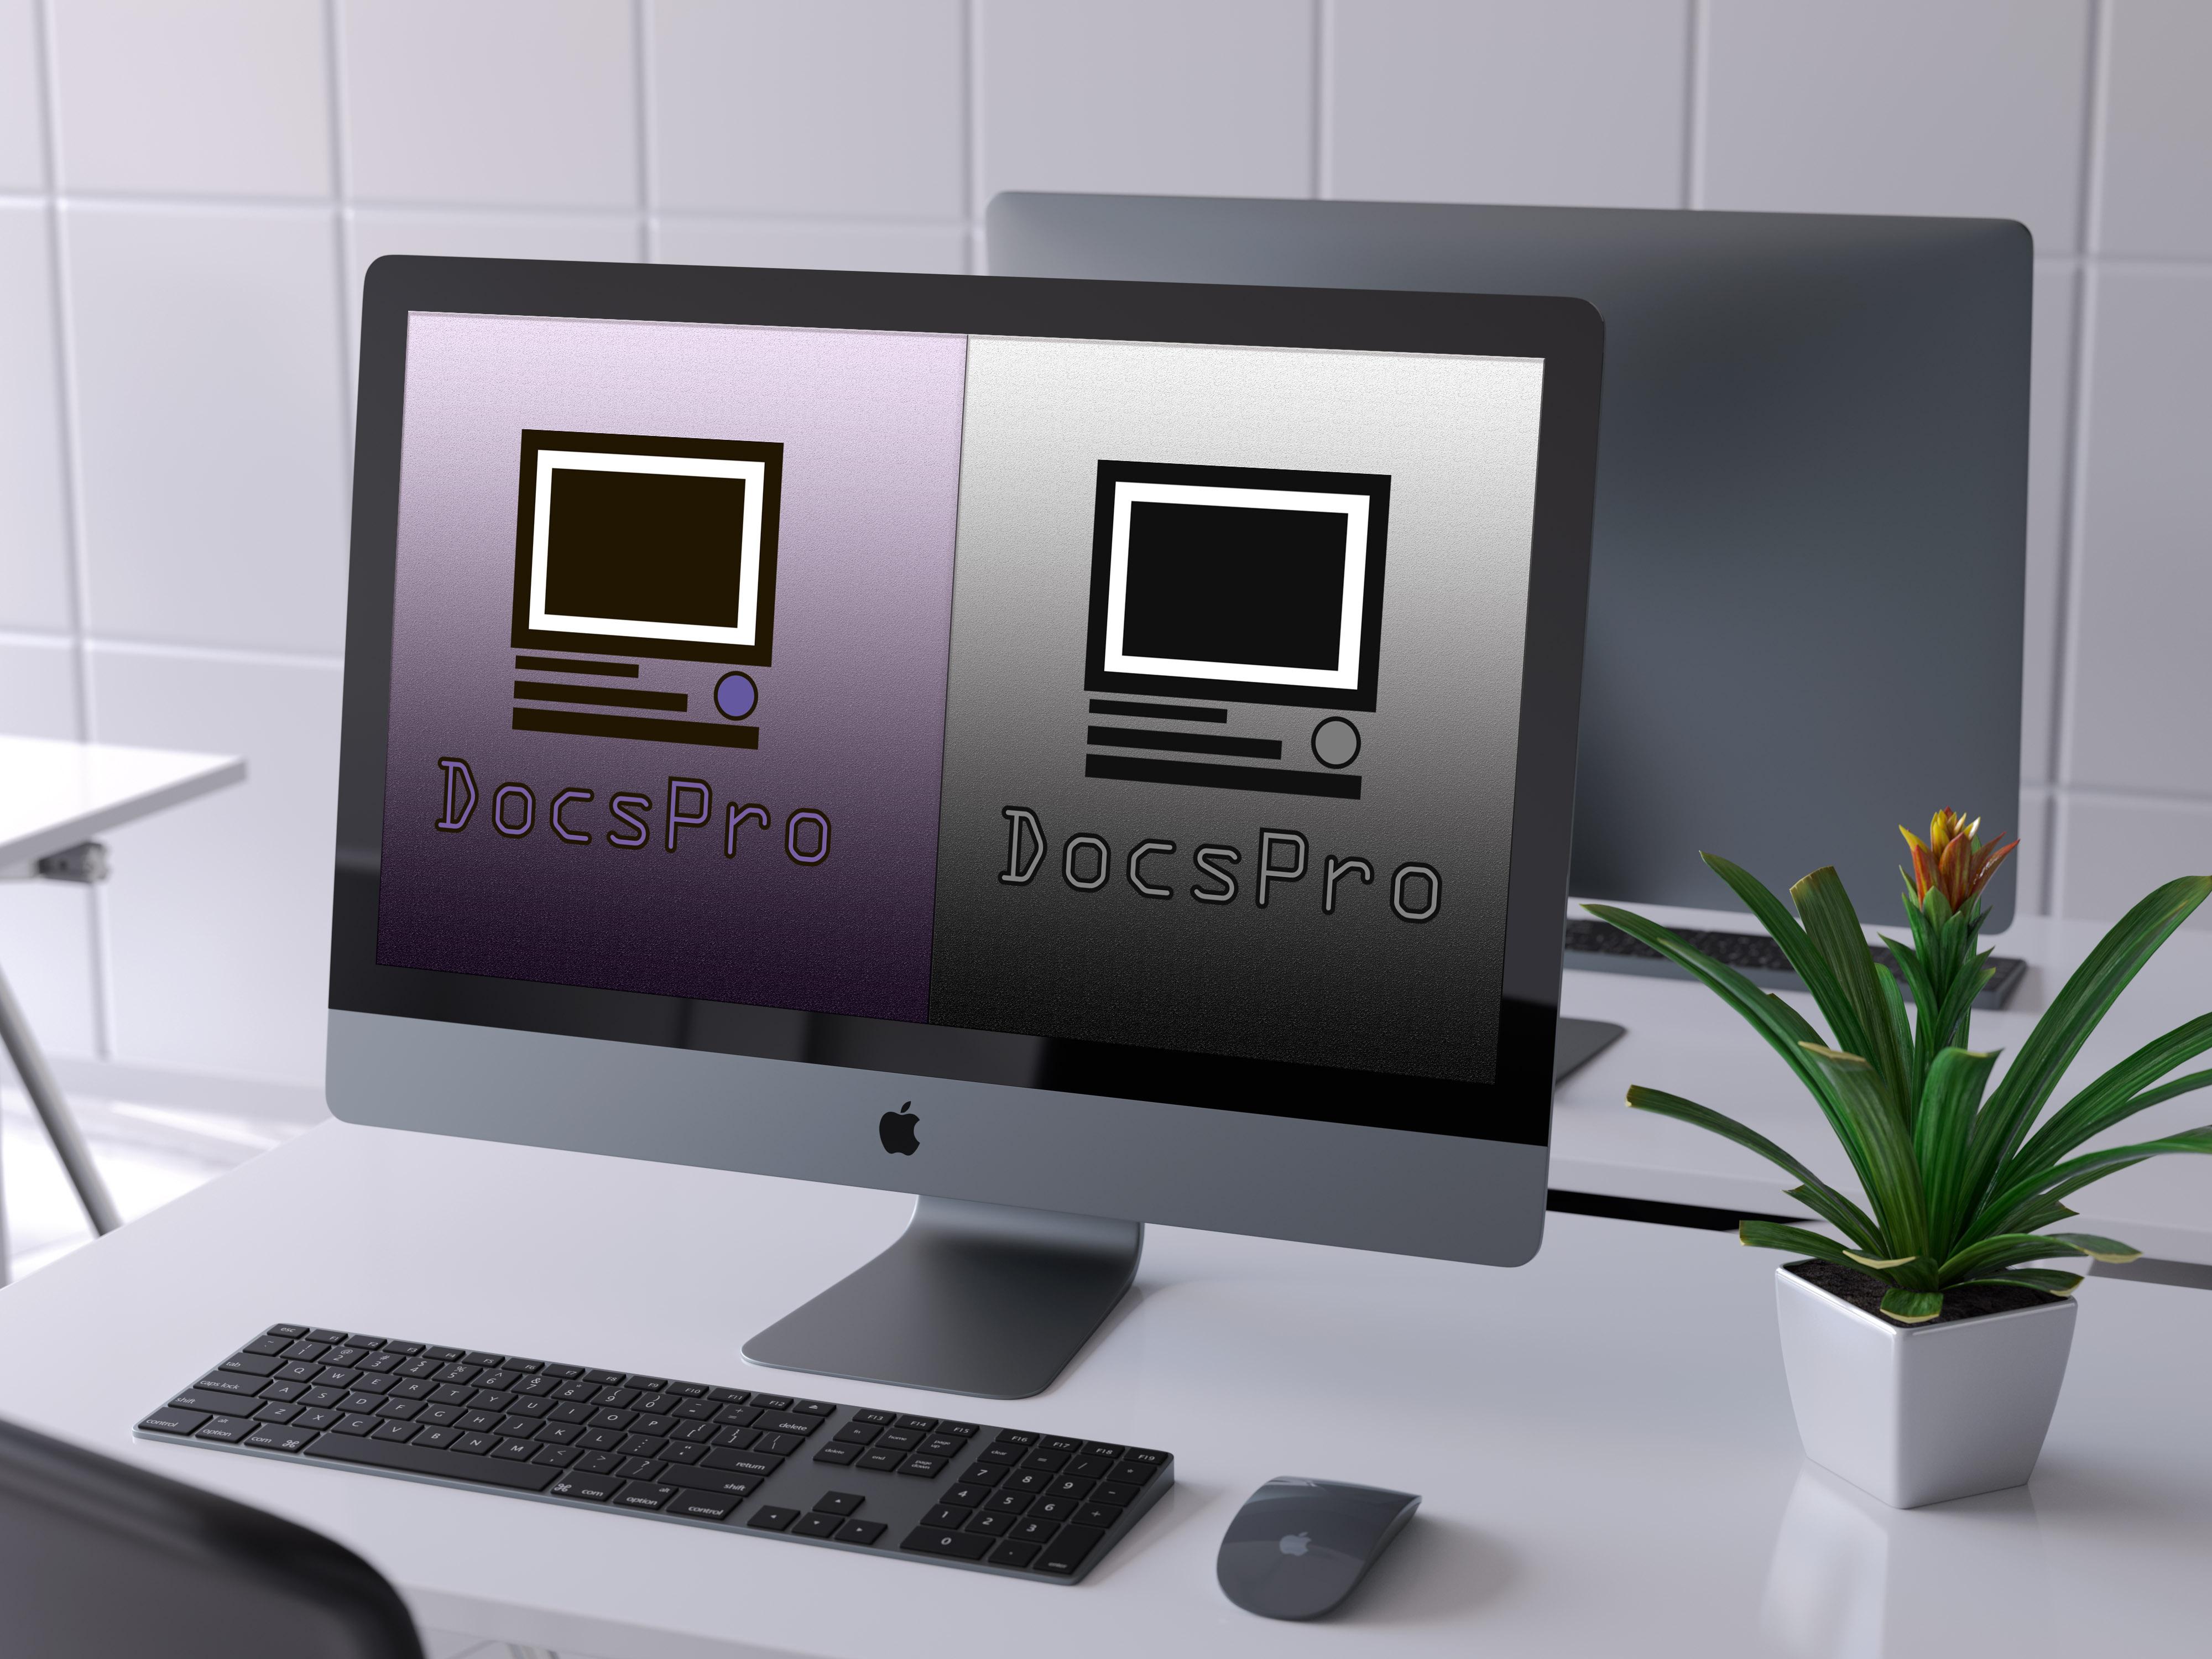 Разработка товарного знака/логотипа фото f_75559d8b26079b23.jpg